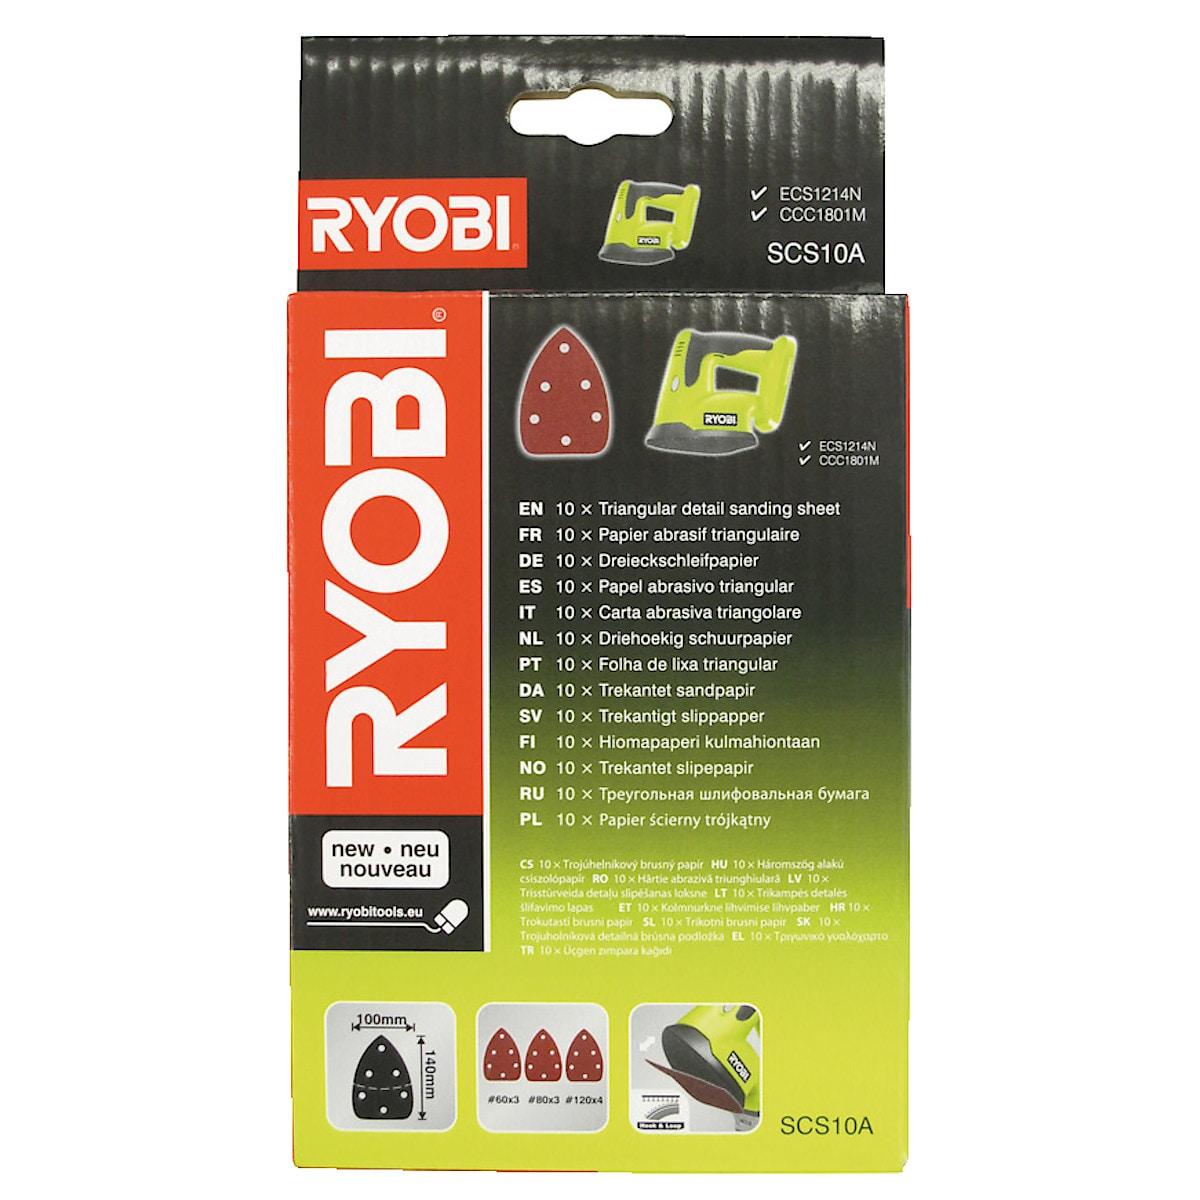 Slipepapir 140 x 100 mm, Ryobi